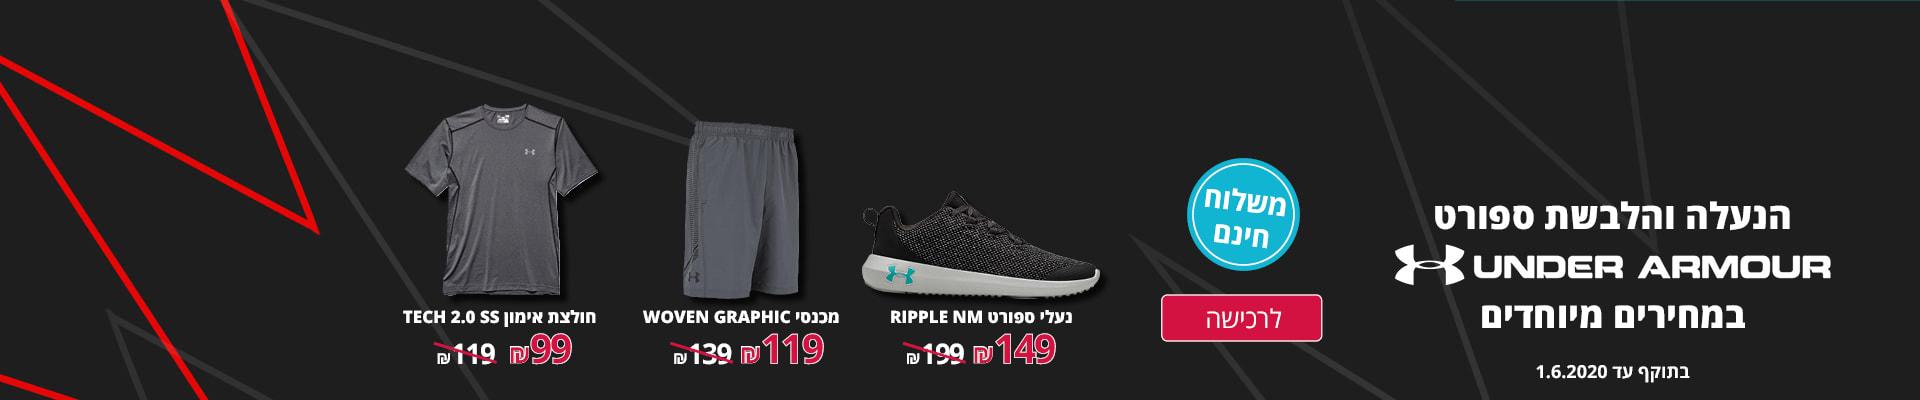 הנעלה והלבשת ספורט  UNDER ARMOUR במחירים מיוחדים ומשלוח חינם: חולצת אימון Tech 2.0 Ss ב-99 ₪, מכנסי Woven Graphic ב-119 ₪, נעלי ספורט Ripple NM ב-149 ₪. בתוקף עד 1.6.2020